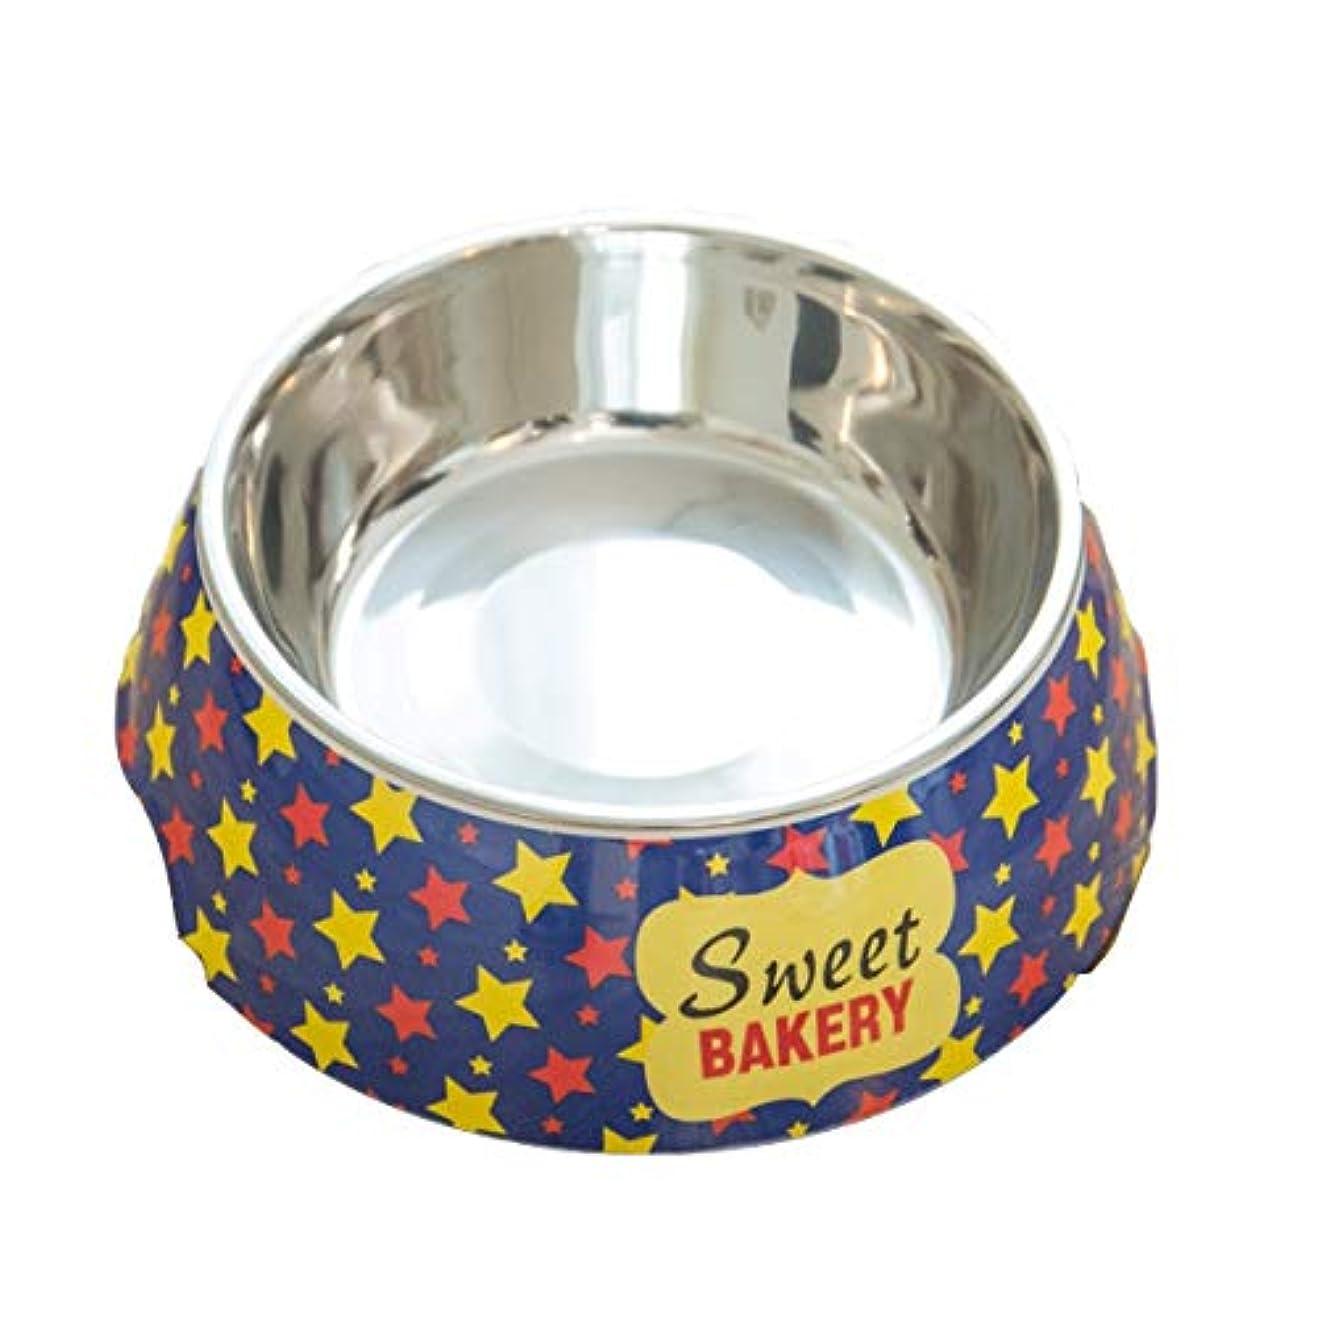 Xian ドッグボウルキャットボウル、ダブルレイヤーシングルボウル、ノンスリップドッグフードボウル、キャットライスボウル、テディボウル、ドリンクボウル、ペットの猫とドッグフードボウル、4オプション Easy to Clean Non-Skid Bowls for Dogs (Color : Blue, Size : S)